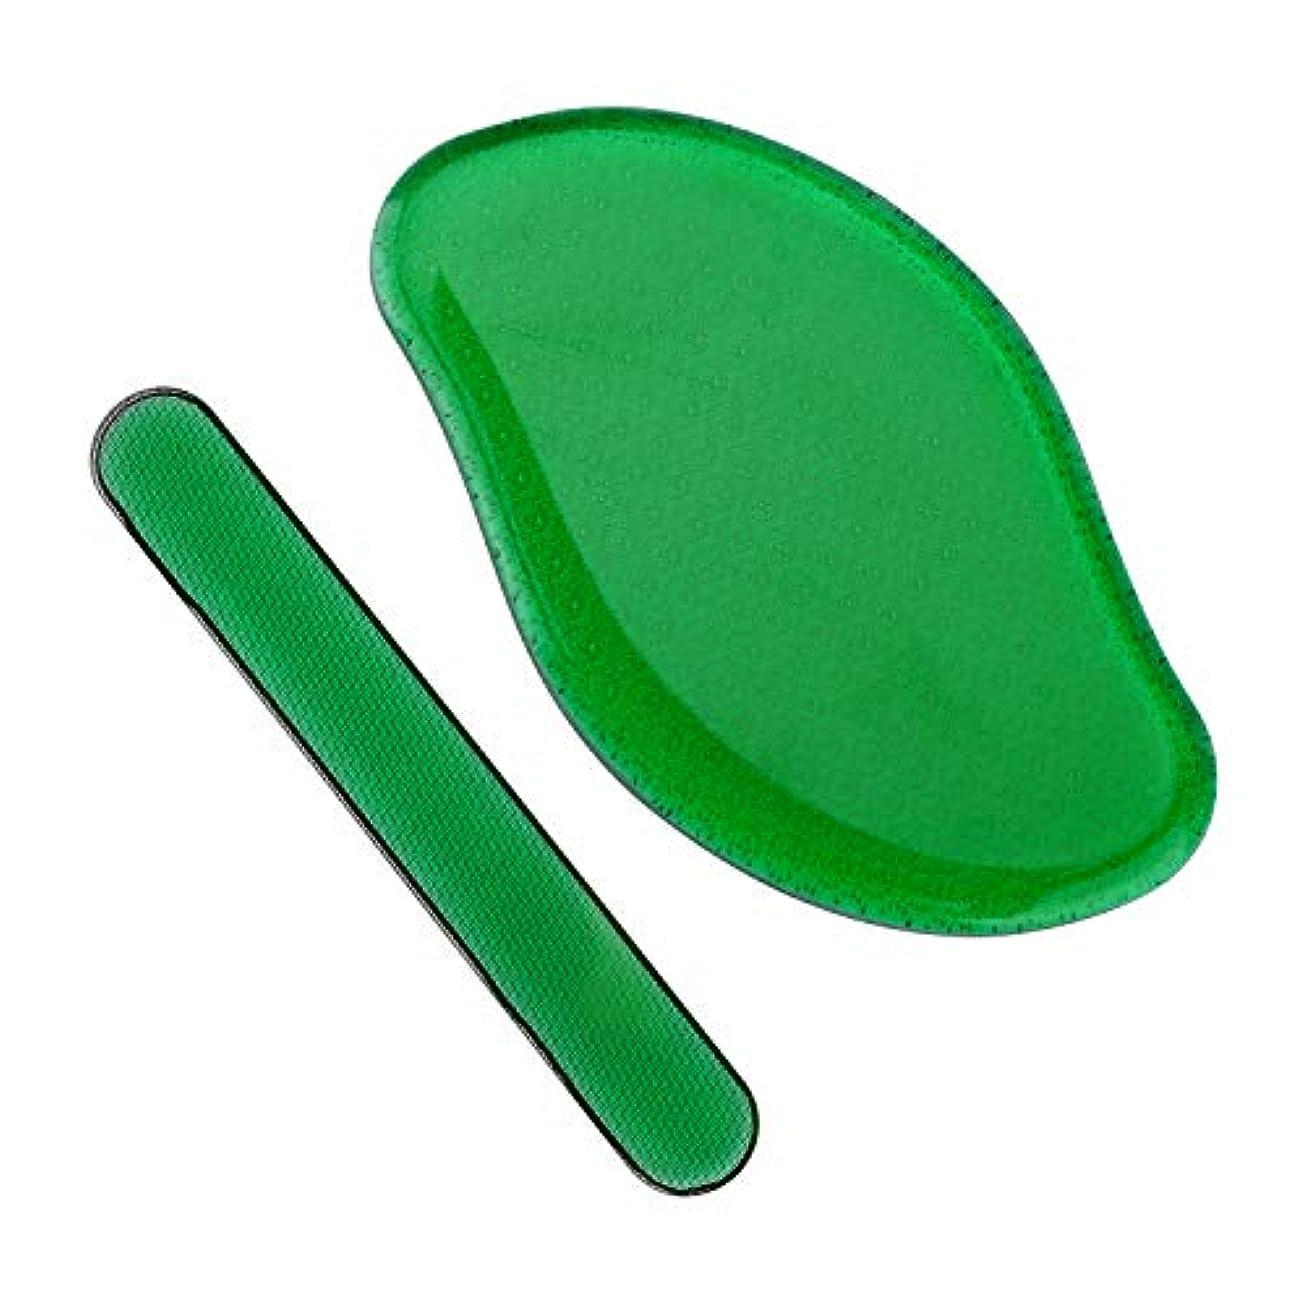 戦争定義もちろんShinenail ガラス製 かかと 角質取り かかと削り ガラス 爪磨き付き かかとやすり かかと磨き 角質除去 足 角質ケア ヤスリ 足裏 踵 フットケア 丸洗いOK 爪磨き付き